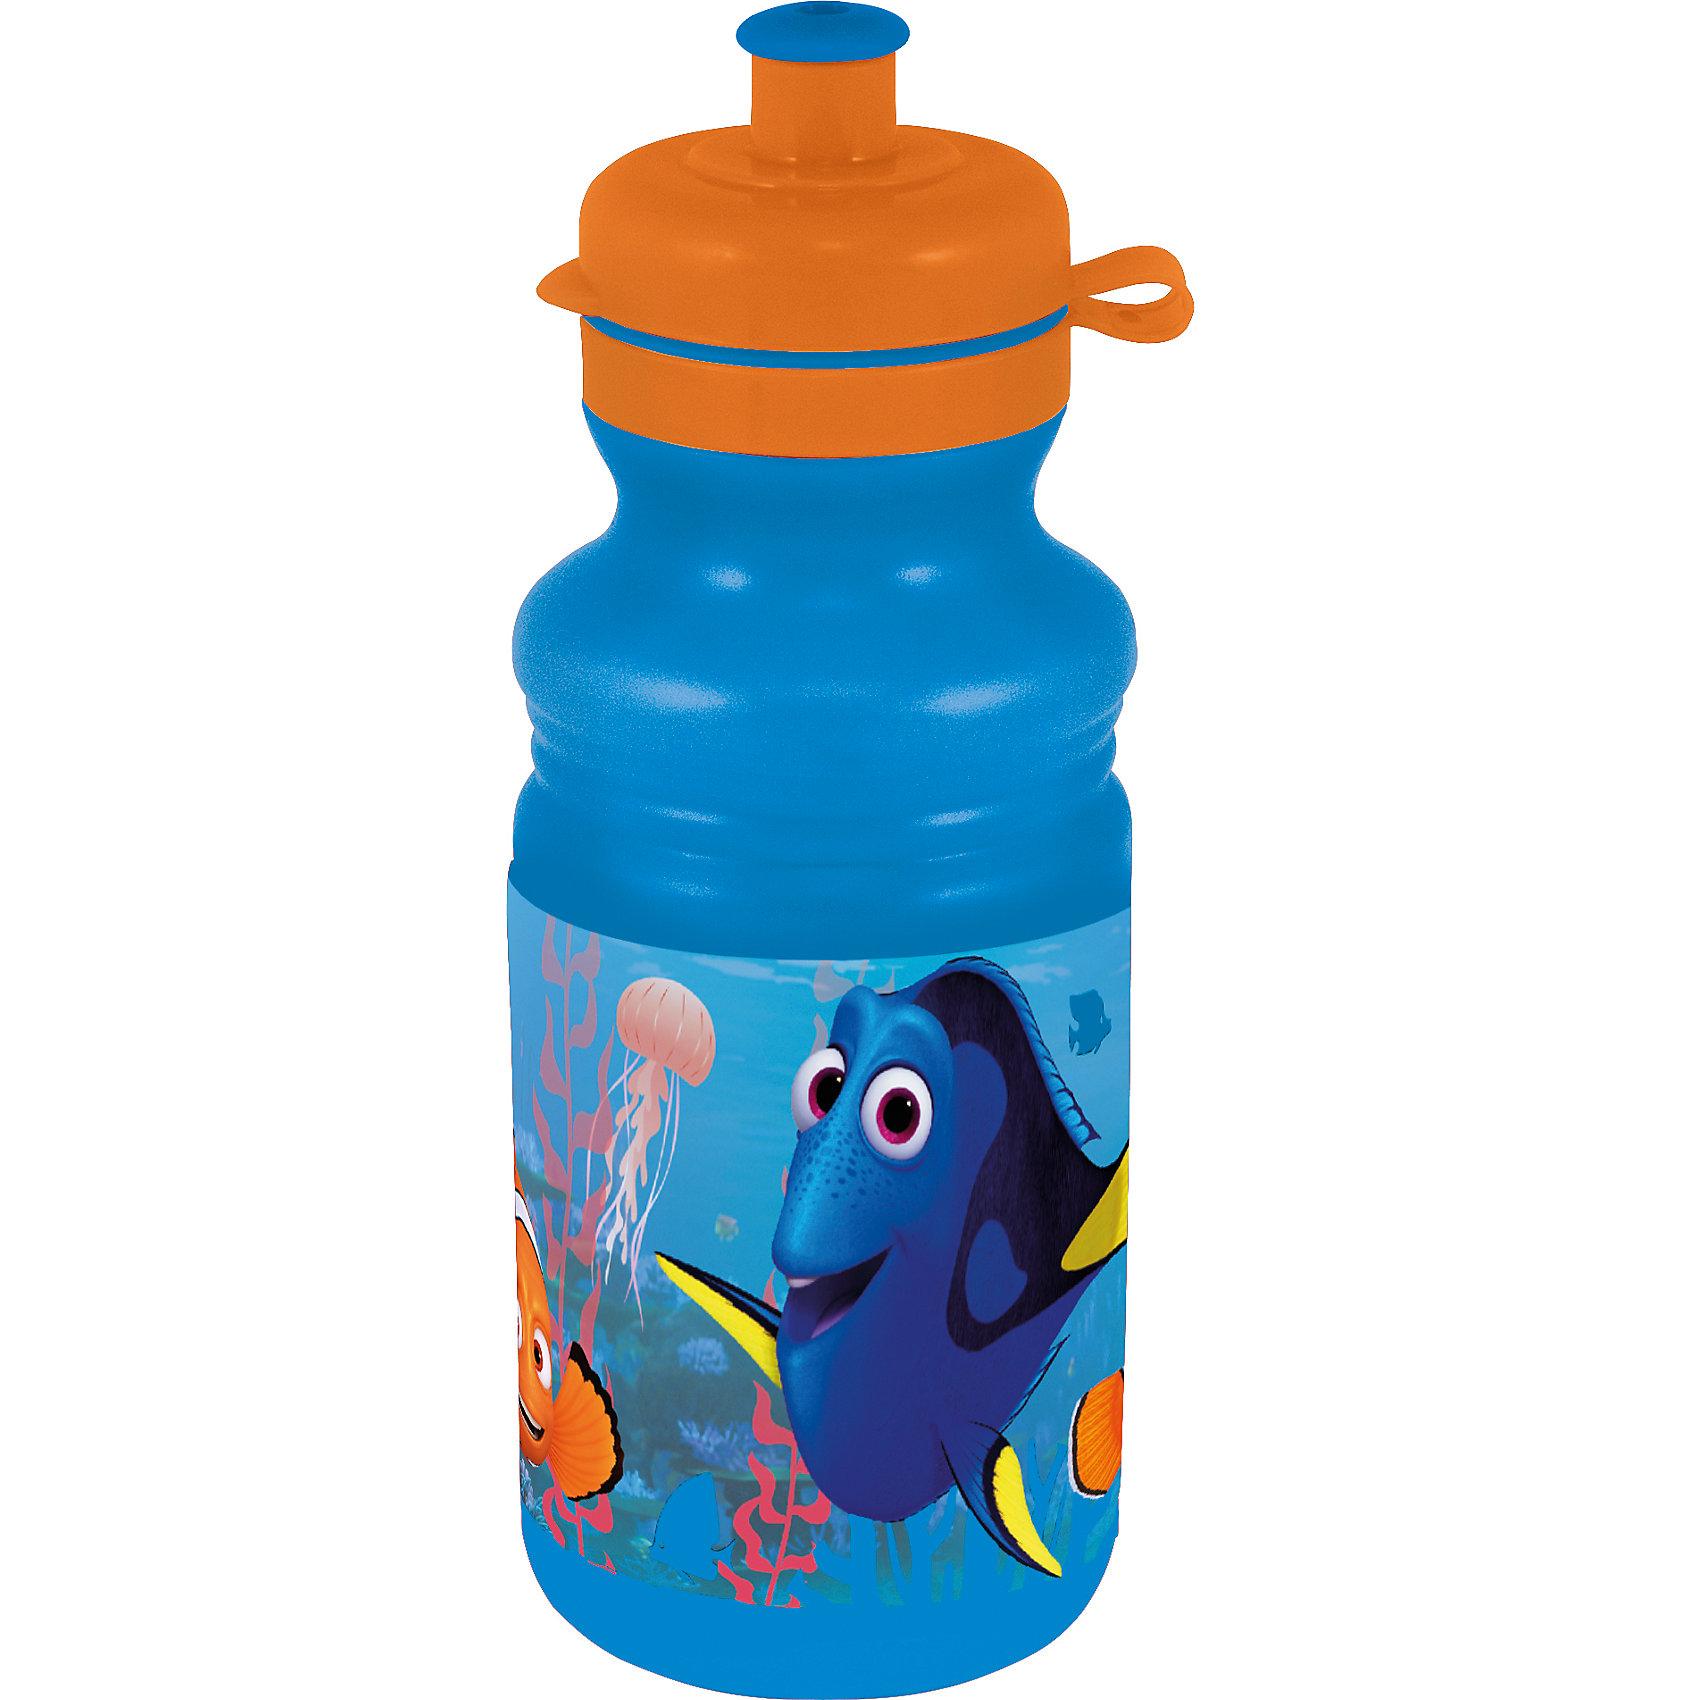 Бутылка для воды В поисках Дори, 500 млБутылка для воды В поисках Дори, 500 мл – незаменимая вещь для спорта, прогулки и школы.<br>Вода всегда необходима активному ребенку, а благодаря такой бутылке он никогда не прольет воду на свои вещи. Закрывающийся клапан не позволяет воде протечь и не может быть случайно открыт при ходьбе. Бутылка сделана из гипоаллергенного пластика, который не выделяет вредные вещества в воду. Форма бутылки сделана по системе против выскальзывания из рук. <br><br>Дополнительная информация:<br><br>- материал: пластик<br>- объем: 500 мл<br><br>Бутылку для воды В поисках Дори, 500 мл можно купить в нашем магазине.<br><br>Ширина мм: 75<br>Глубина мм: 75<br>Высота мм: 195<br>Вес г: 90<br>Возраст от месяцев: 36<br>Возраст до месяцев: 120<br>Пол: Унисекс<br>Возраст: Детский<br>SKU: 4940687